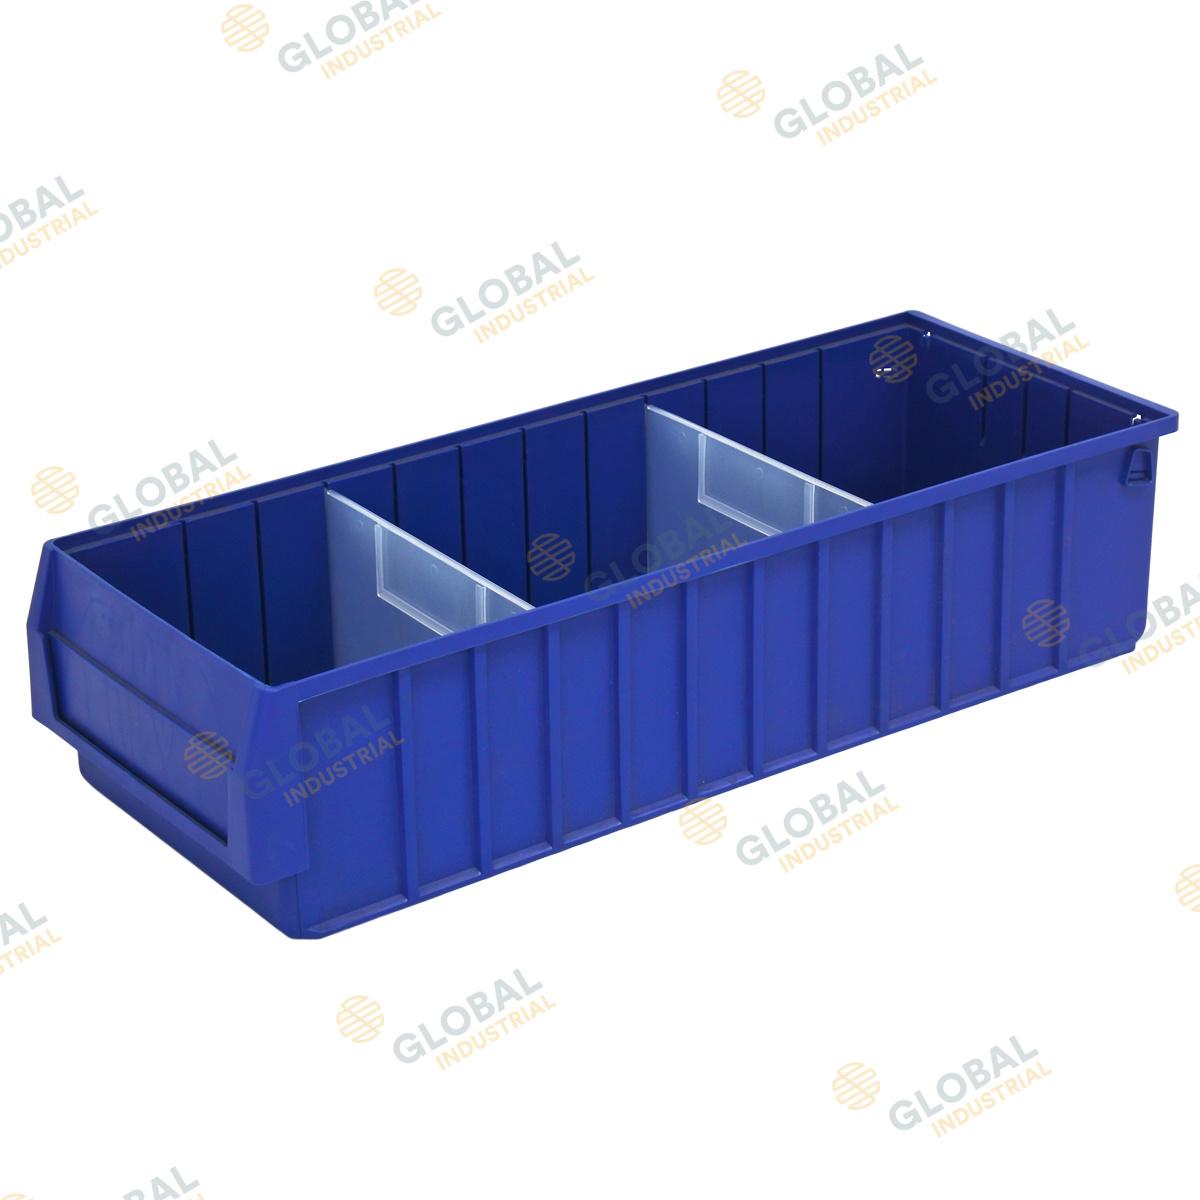 SO6214 Parts Tray